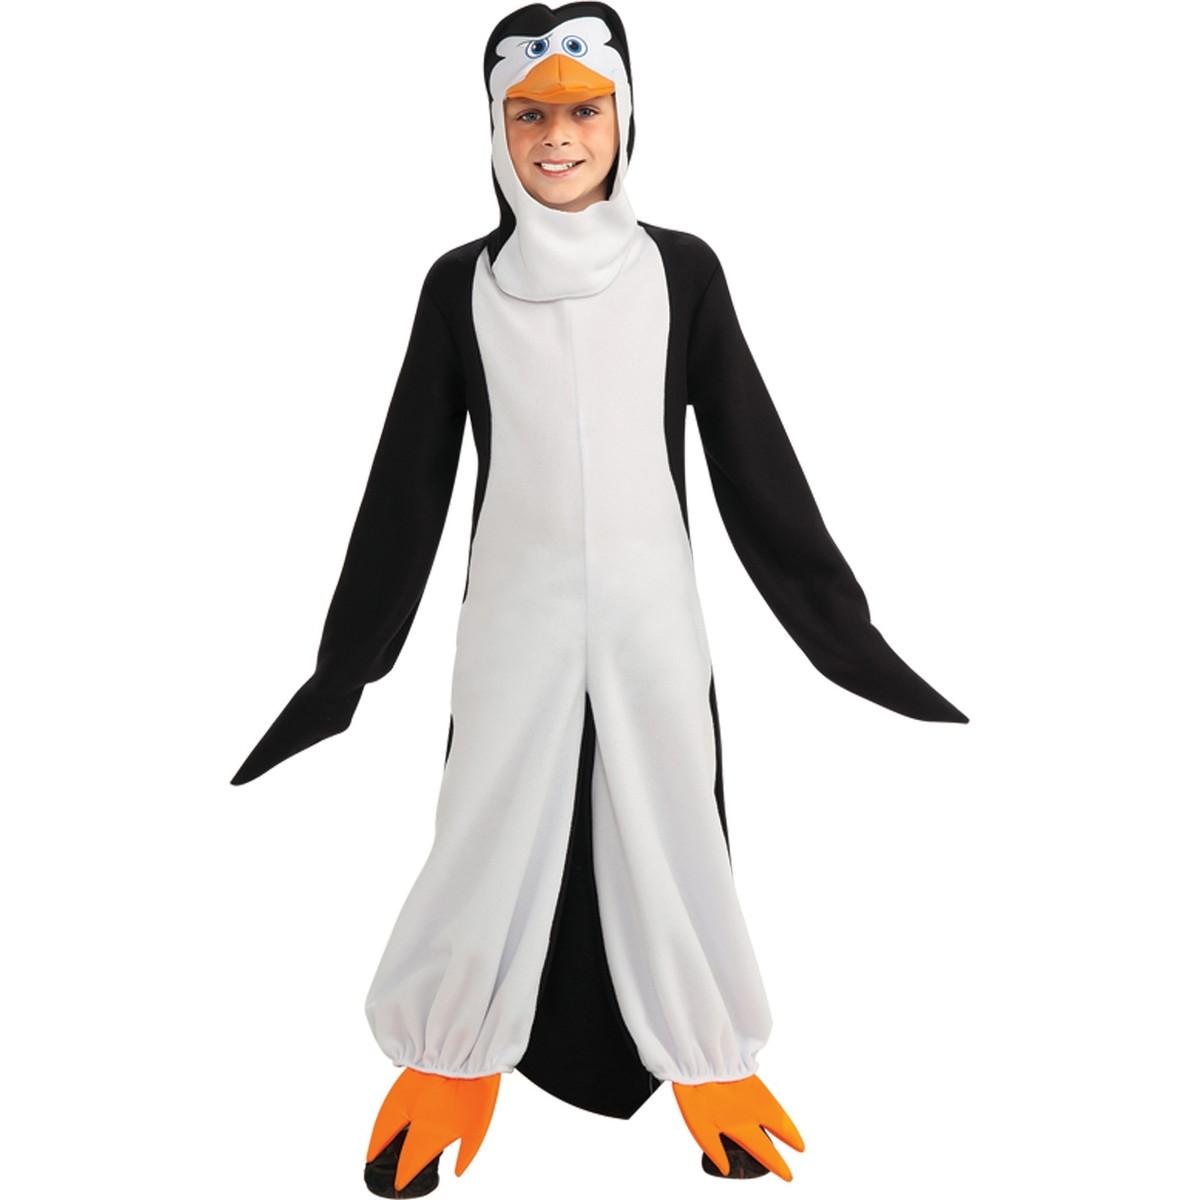 Halloween costumes kids animated u0027 the penguins from Madagascar u0027 Captain skipper kigurumi animal Kids Halloween cosplay Penguin  sc 1 st  Rakuten & acomes | Rakuten Global Market: Halloween costumes kids animated ...